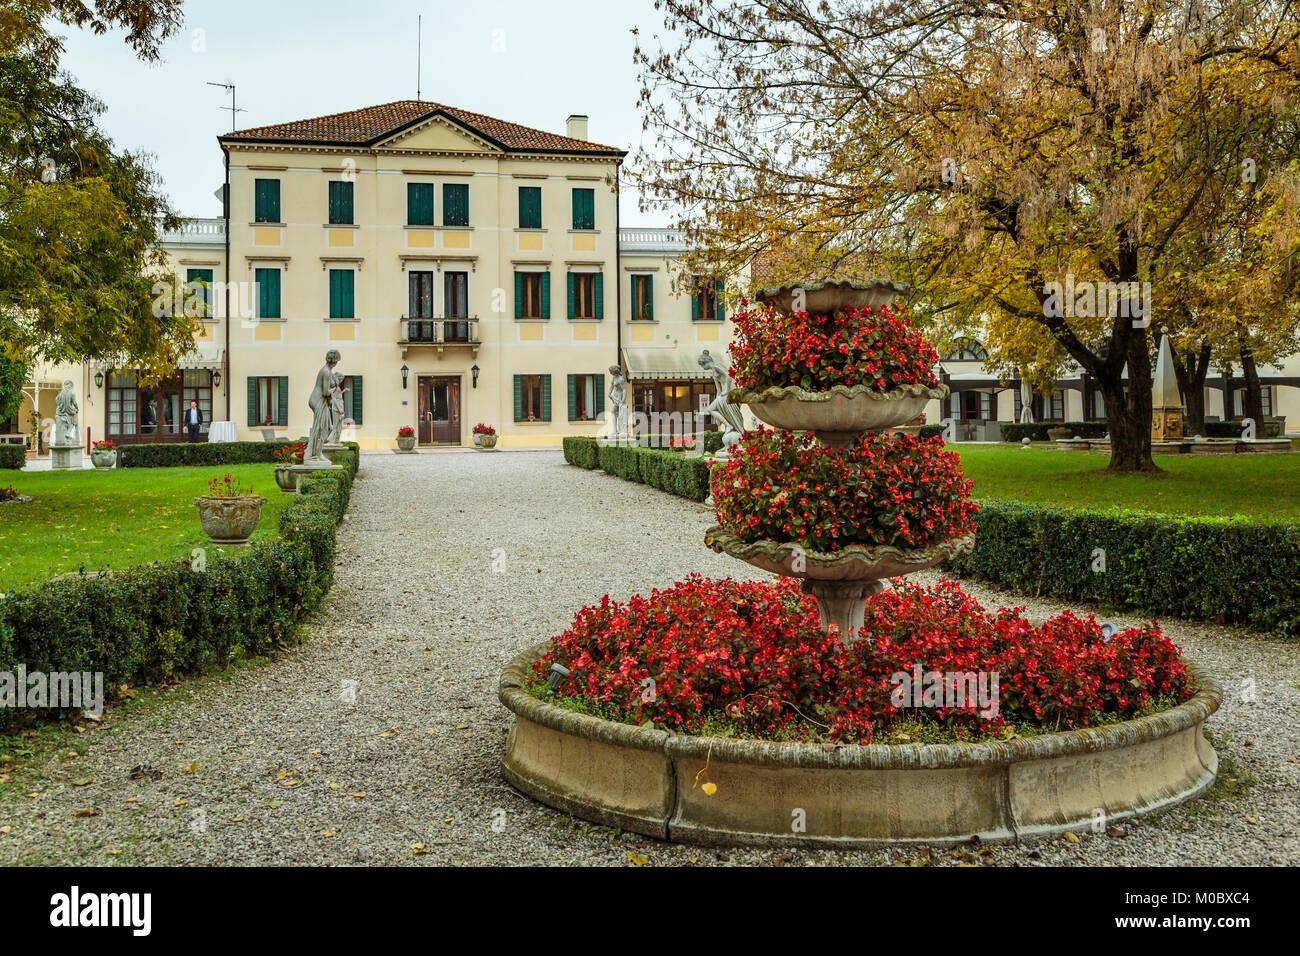 Fal foliage in the gardens of the Villa Braida Hotel in Veneto Stock ...